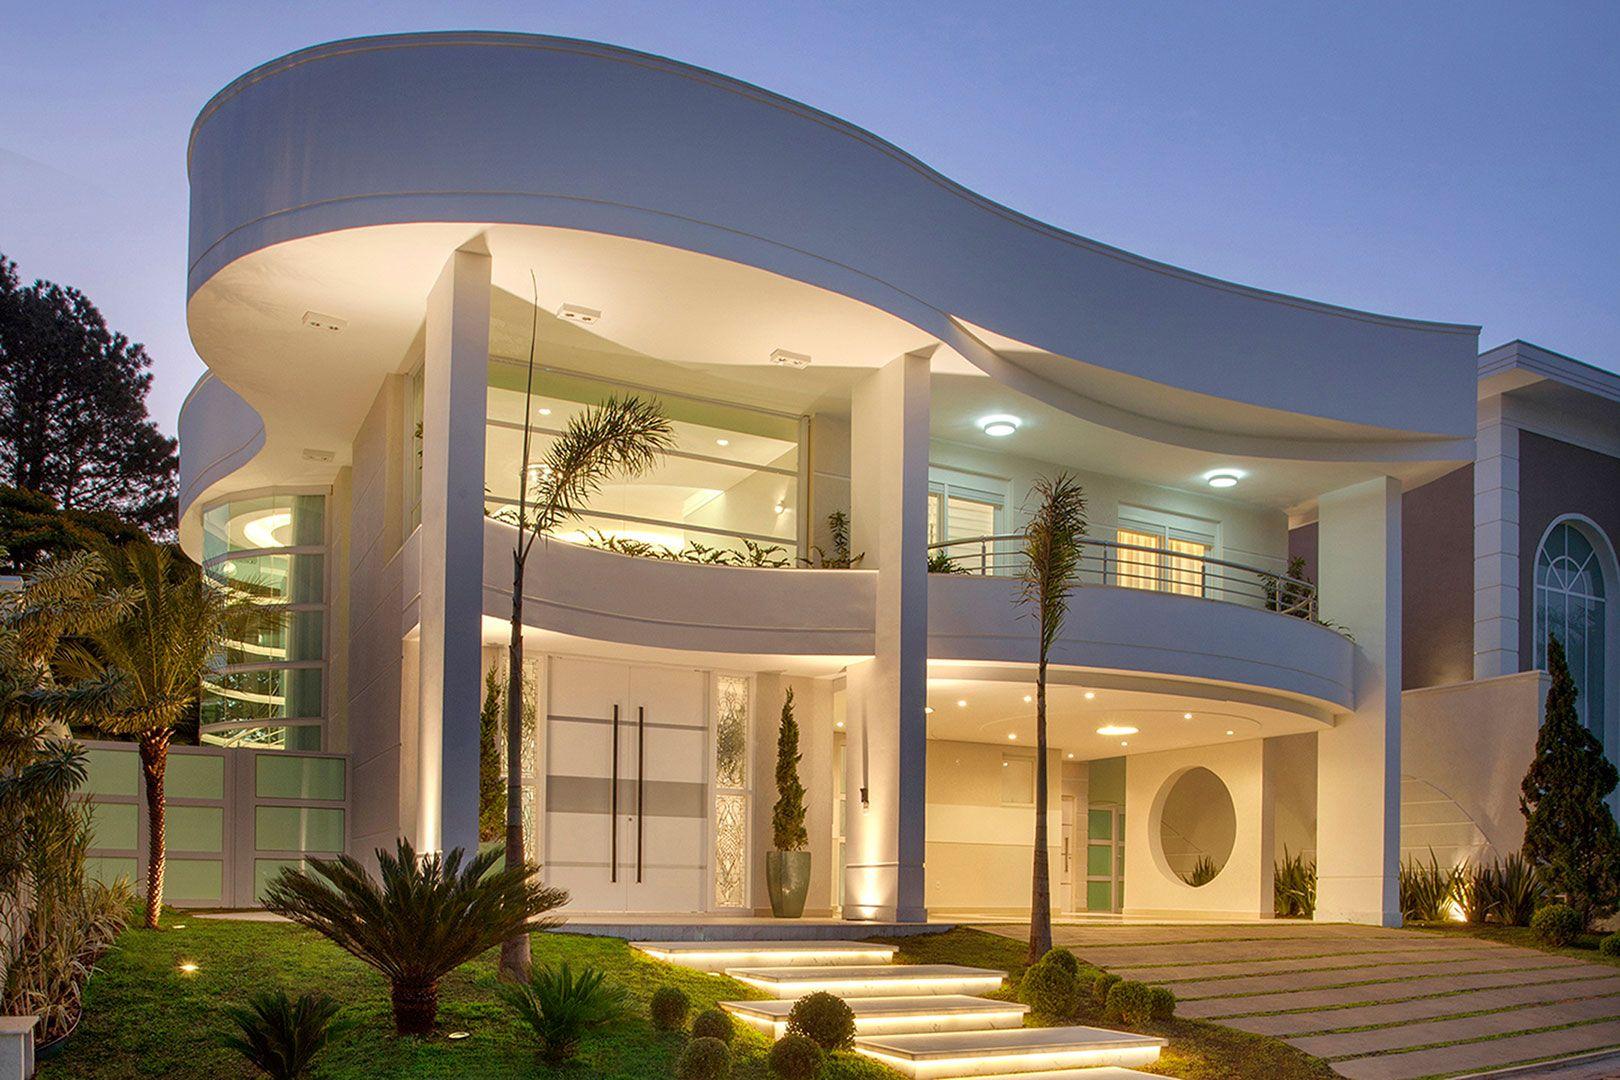 Aquiles nícolas kílares arquiteto arquitetura fachadas